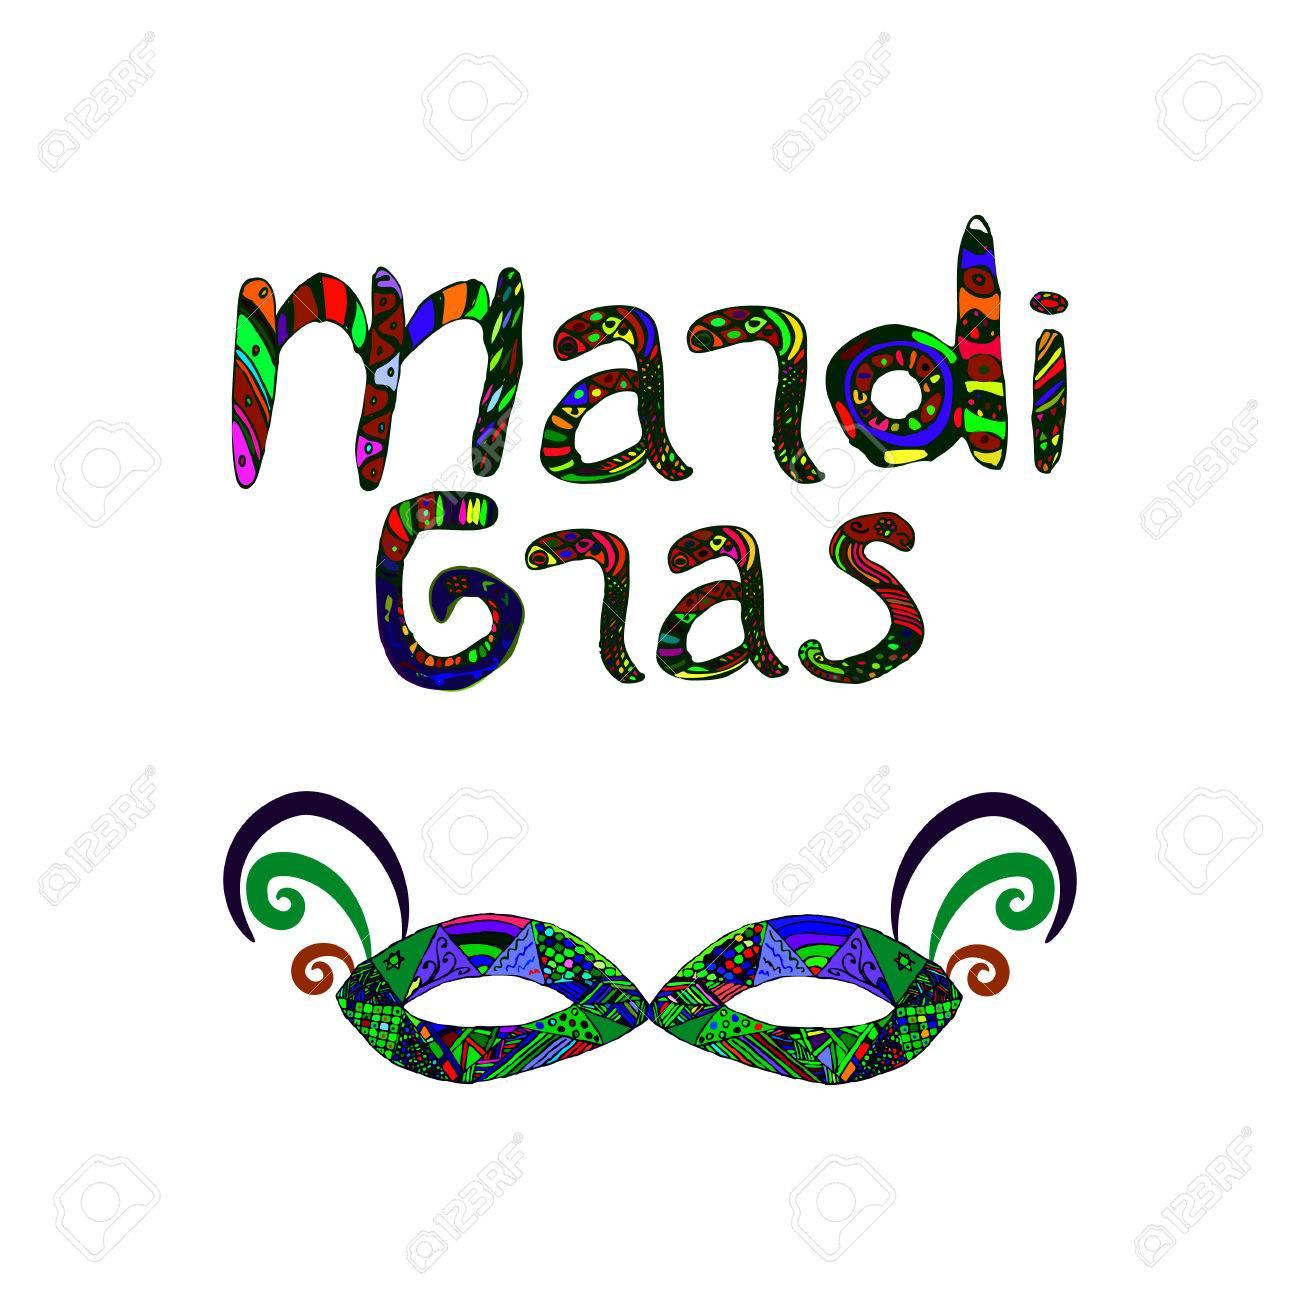 acheter maintenant vente chaude site professionnel Mardi Gras. Mardi Gras. Masque de carnaval. Inscription couleur. Doodle,  lettrage, zentangle Dessin à main Illustration vectorielle